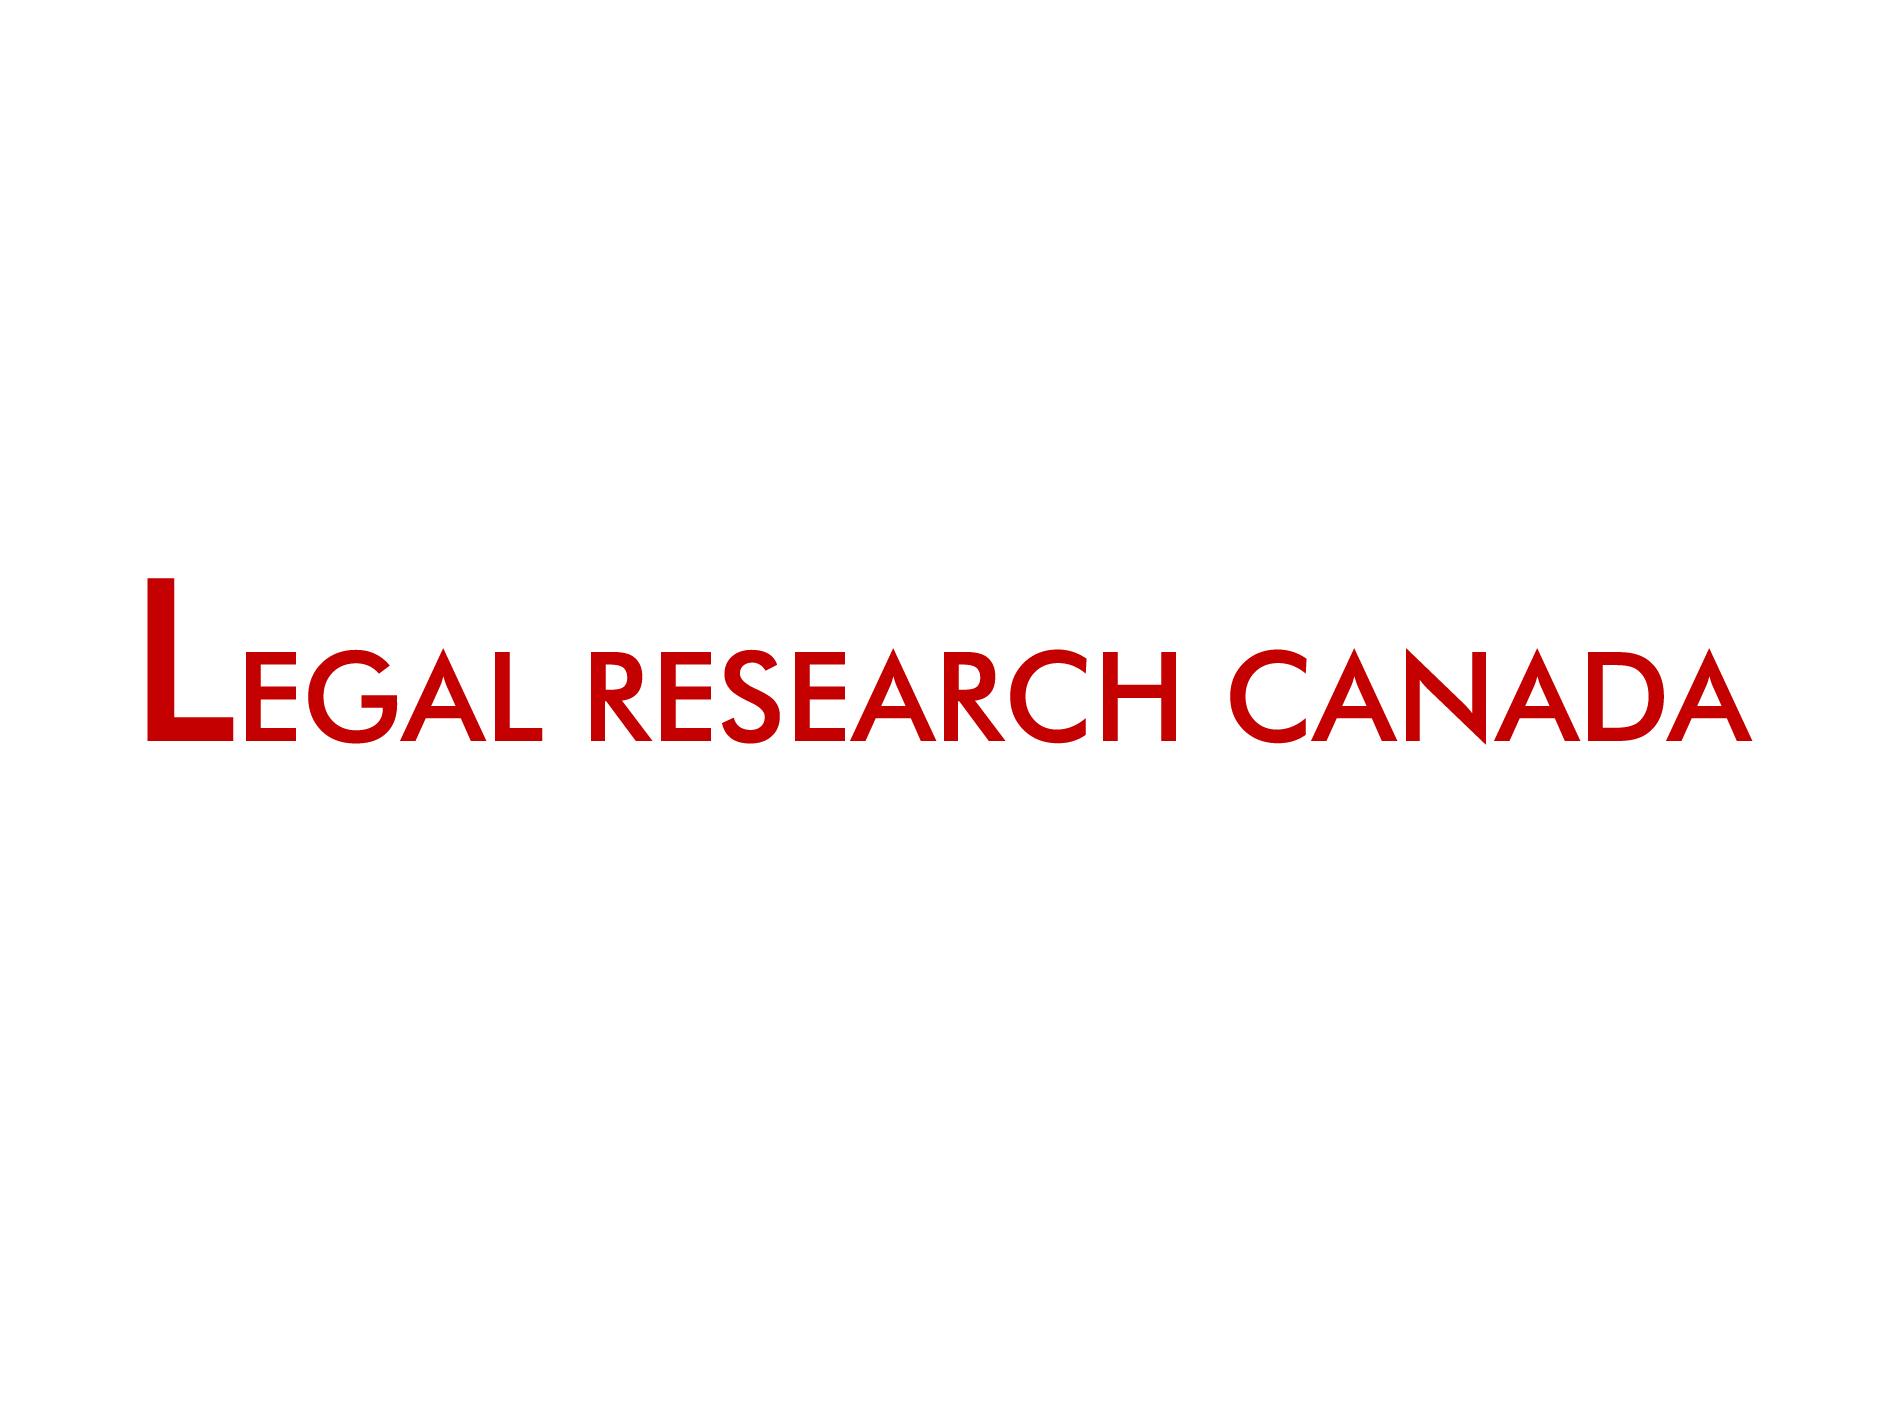 Legal Research Canada Inc